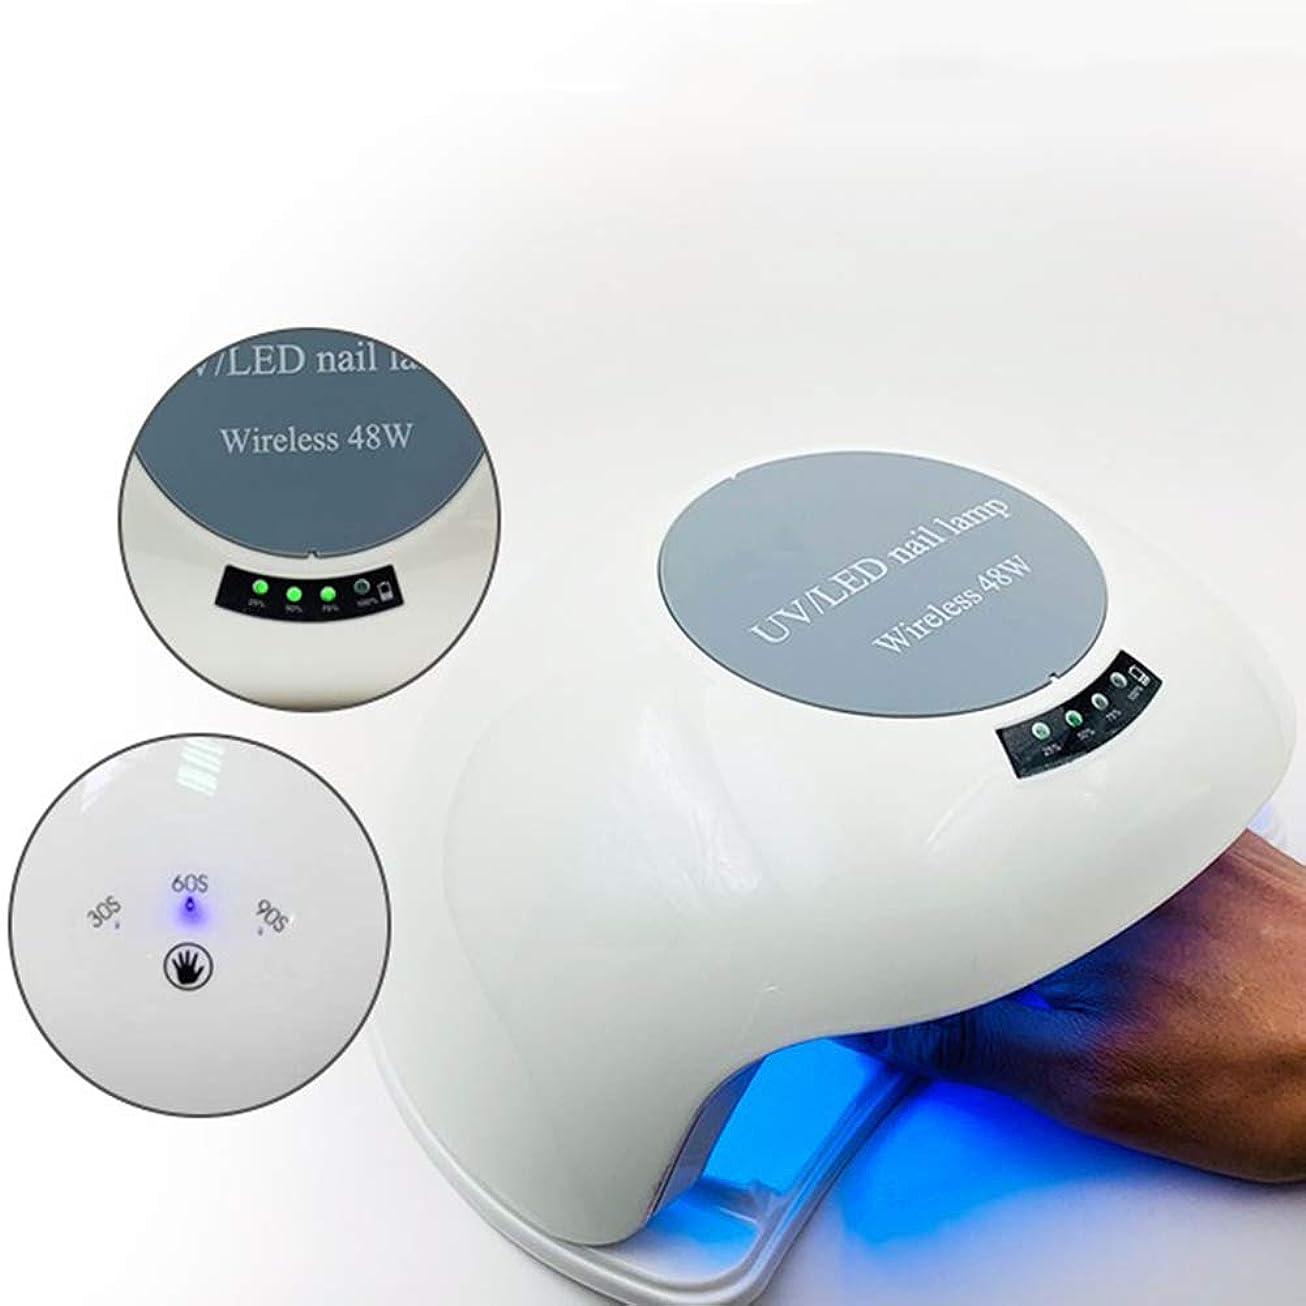 混合した冗長出会い48ワットネイル光線療法ランプ、インテリジェント誘導led省エネネイルポリッシュドライヤー、ネイルポリッシュラバーランプ33ランプビーズ